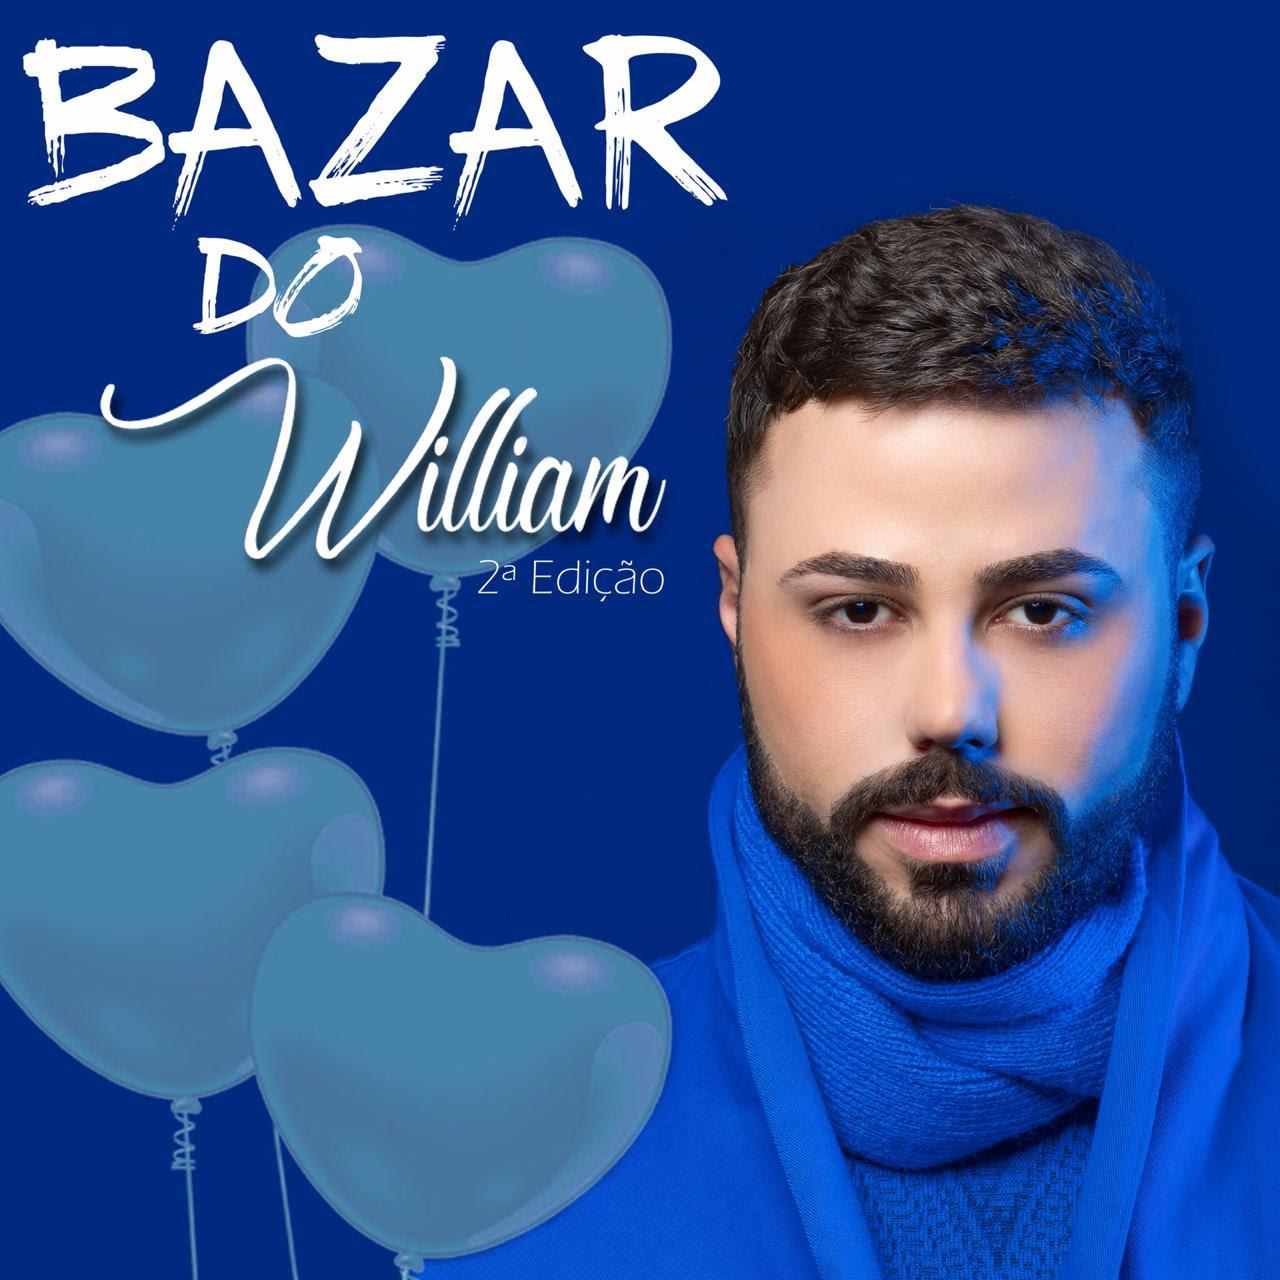 bazar do william